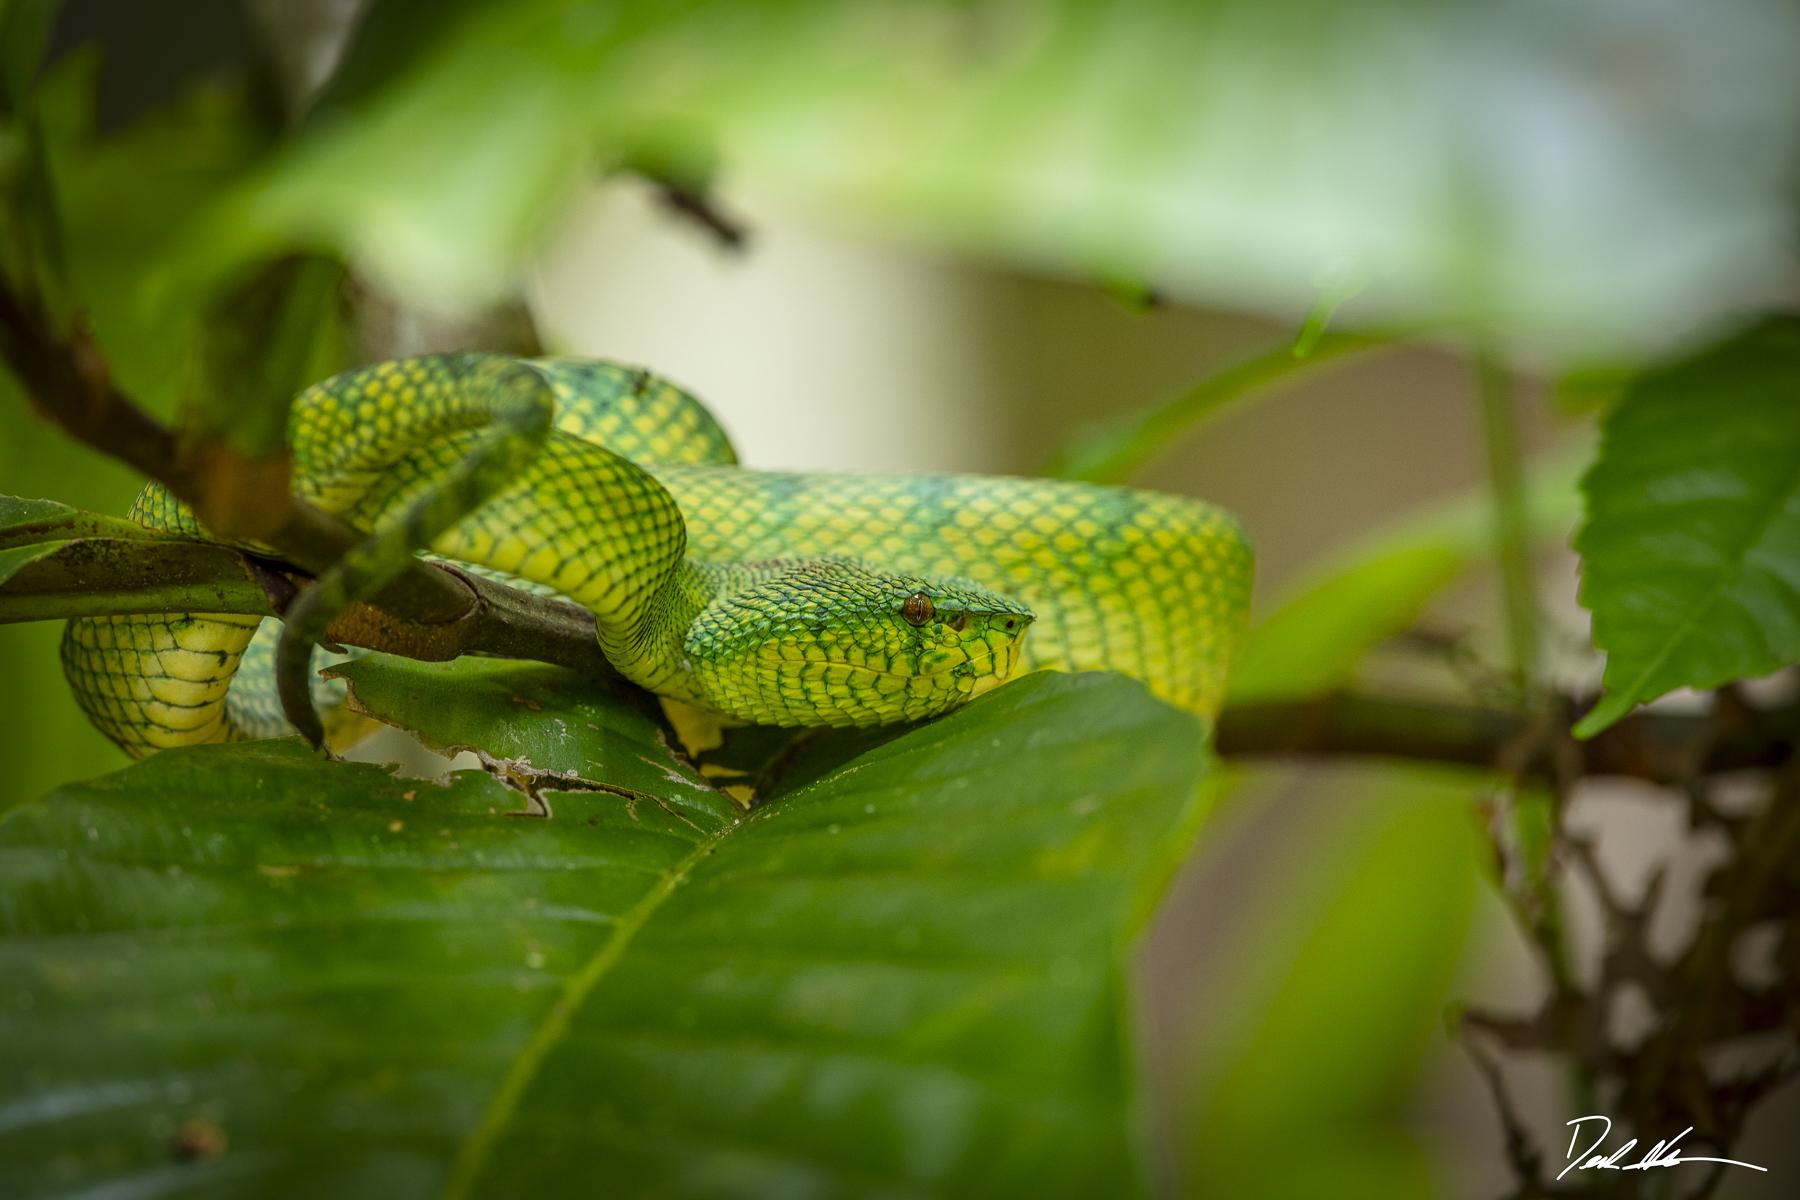 snake in borneo jungle